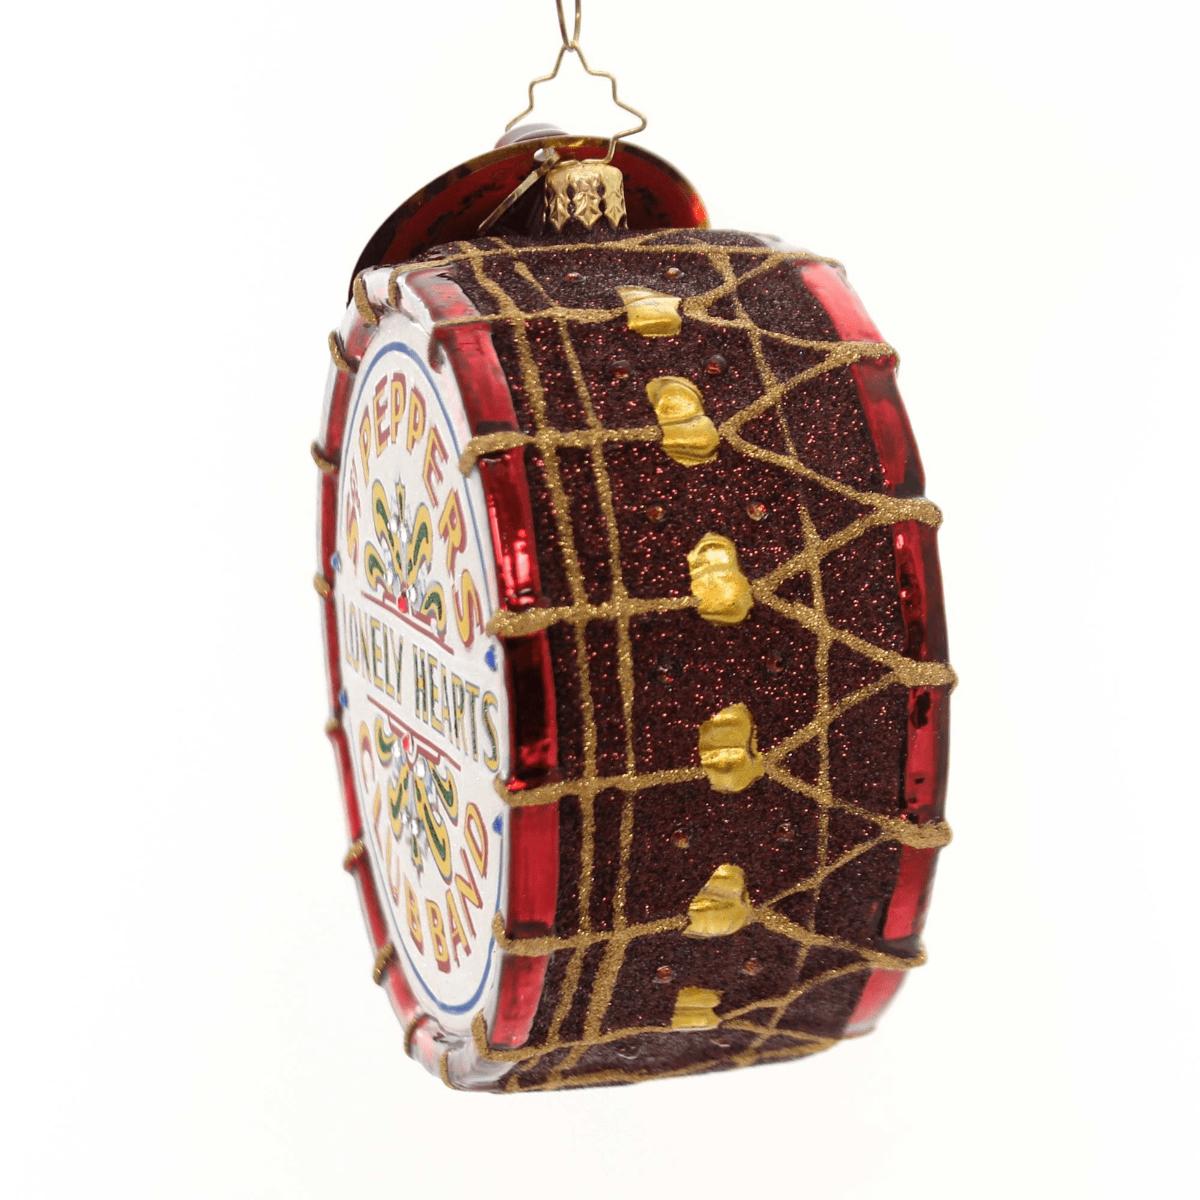 Beatles Sgt. Pepper's Drum Ornament